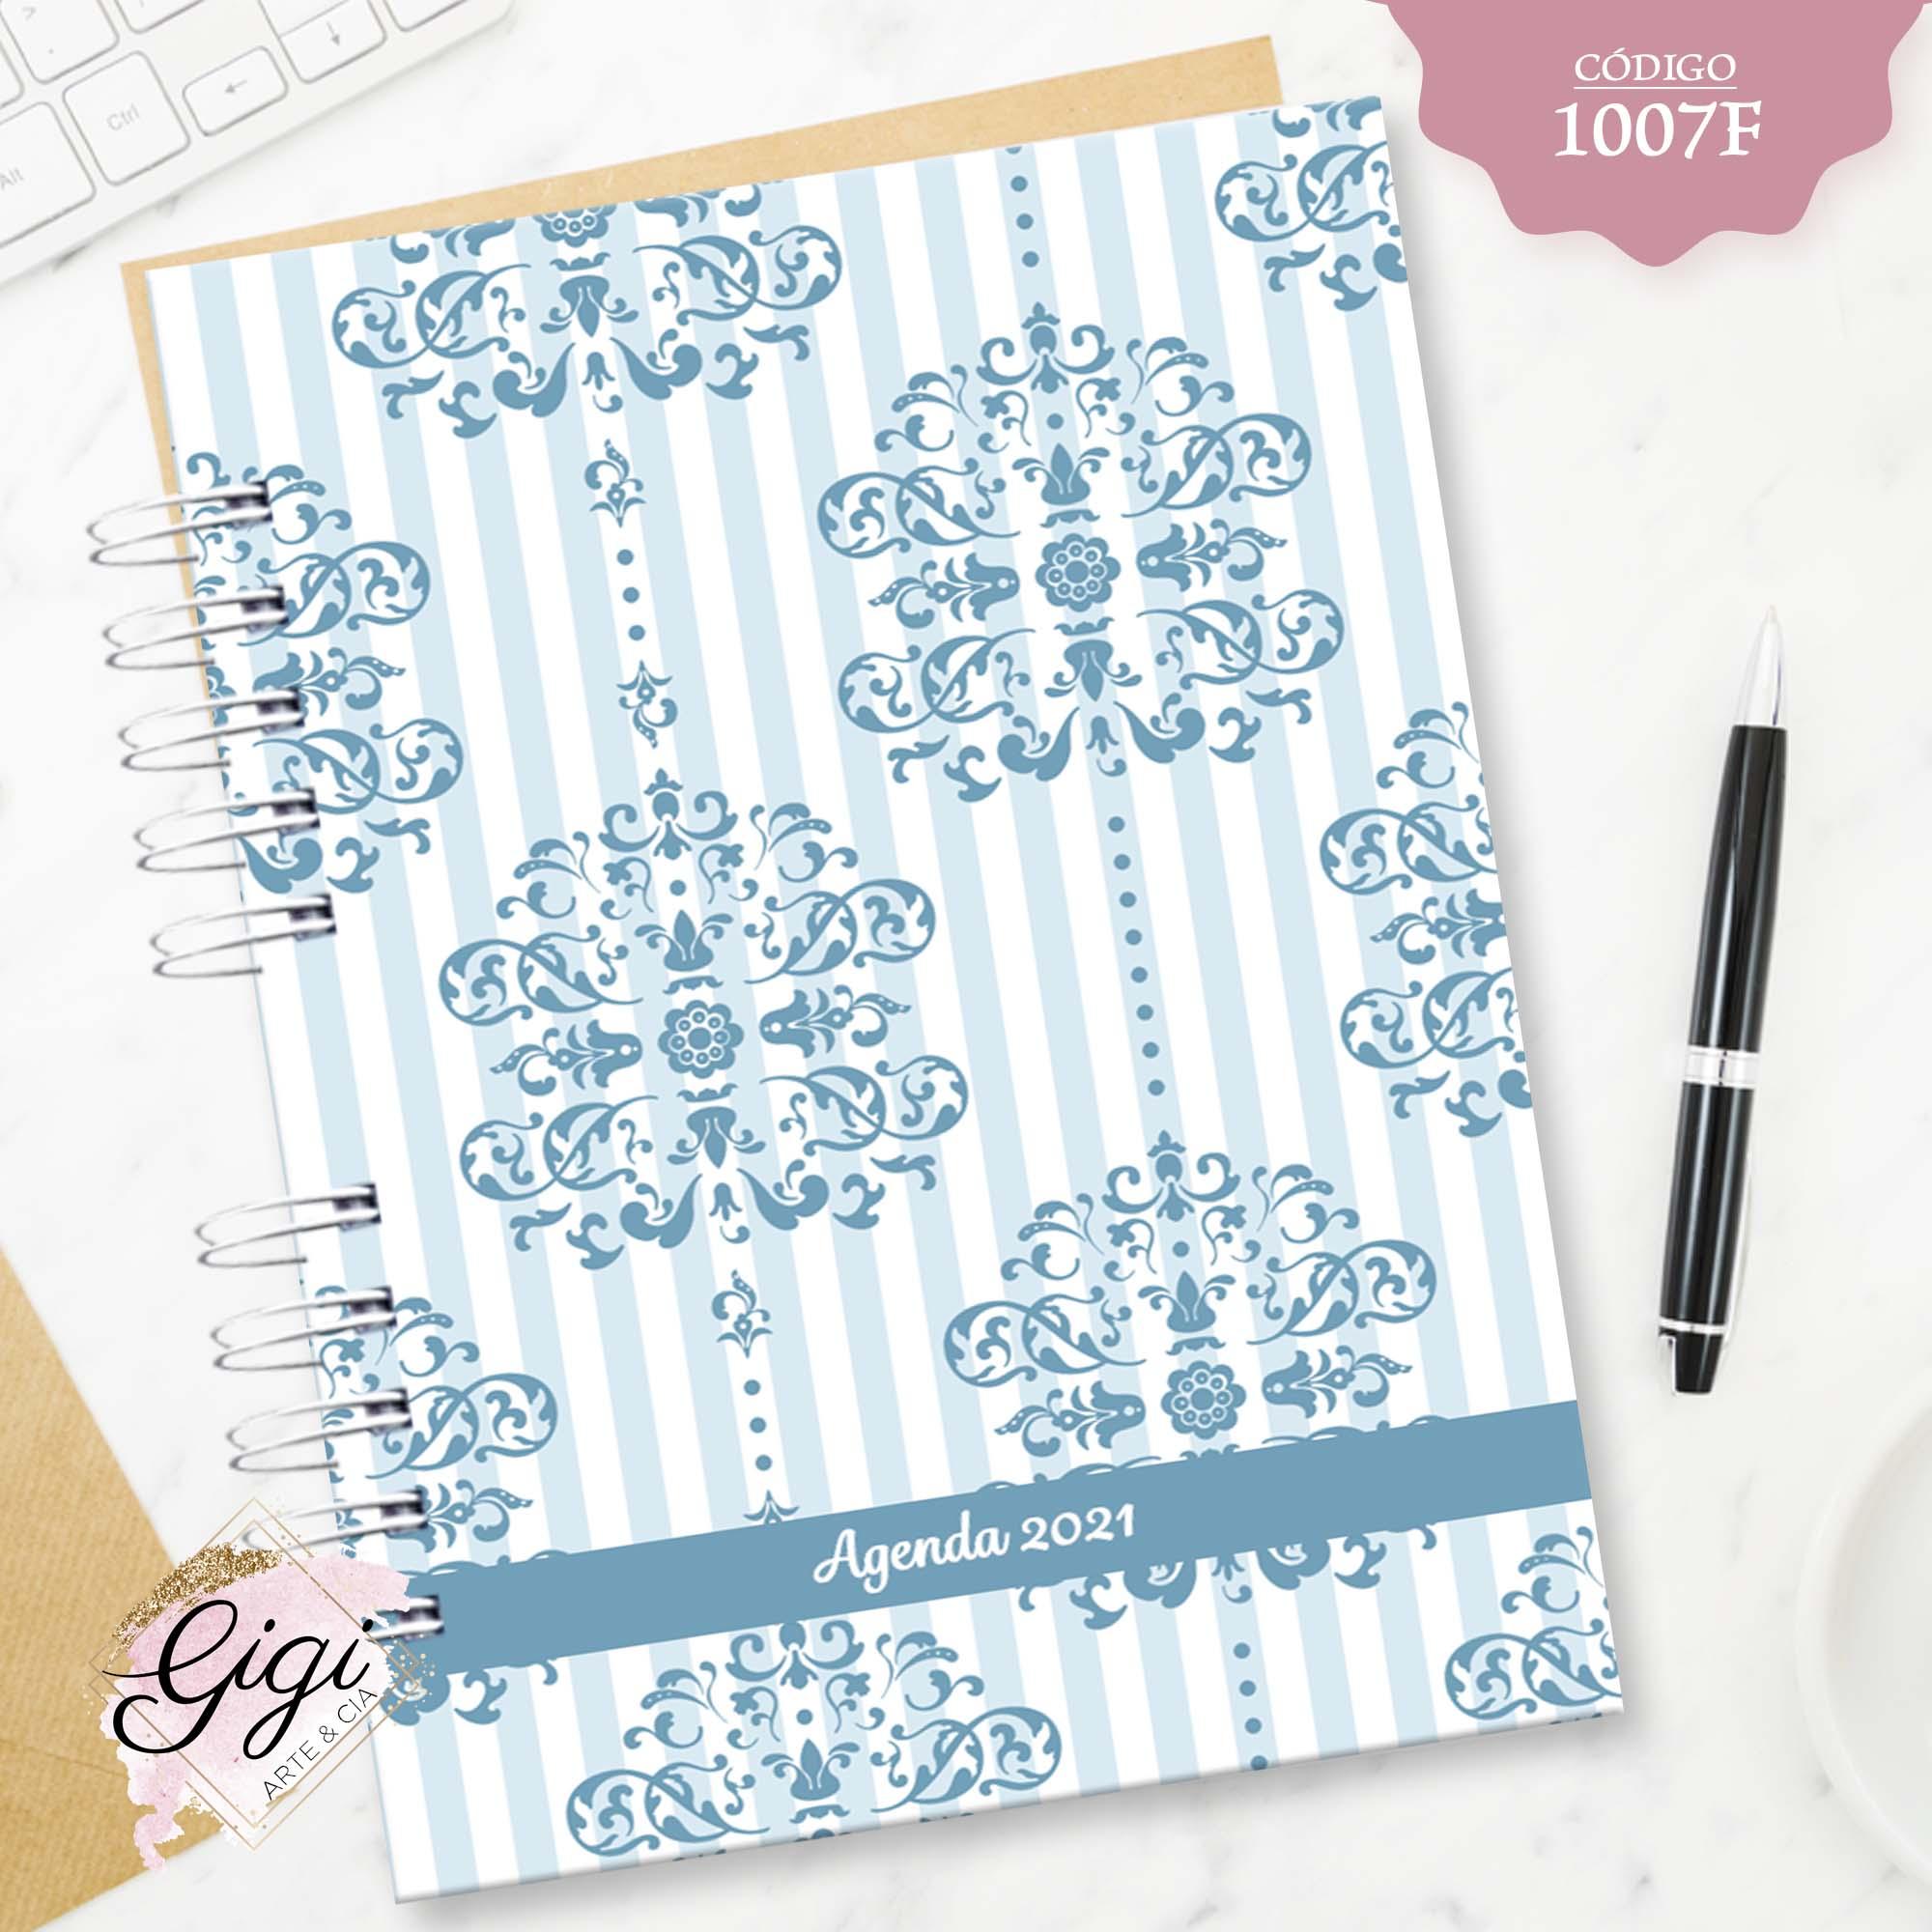 Abstrato Azul 1007F - Agendas | Blocos | Cadernos  - Gigi Arte e Cia